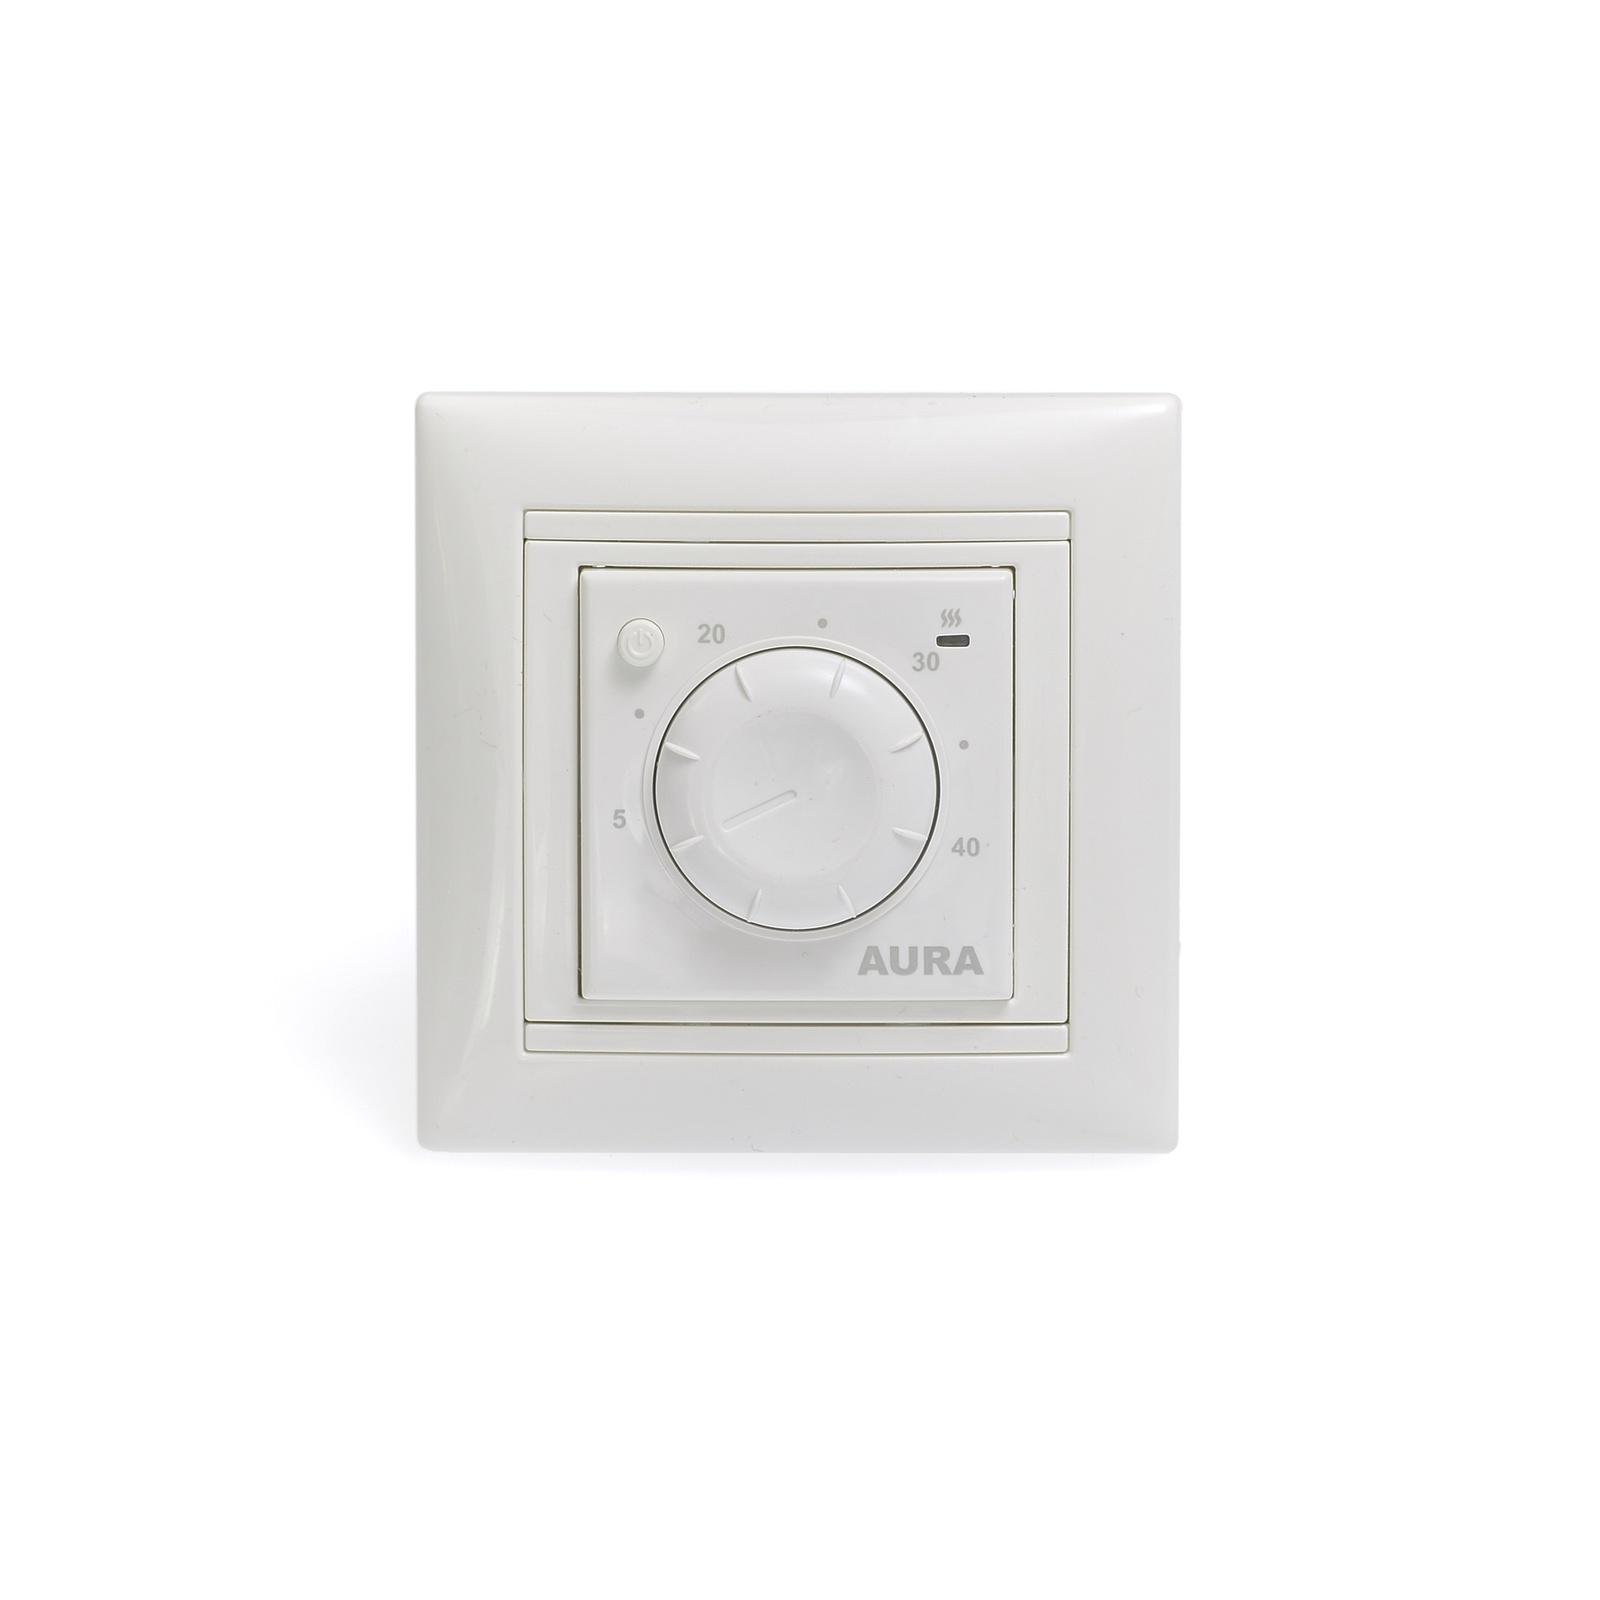 Регулятор теплого пола AURA LTC 030, 3201030, белый регулятор теплого пола terneo терморегулятор pro